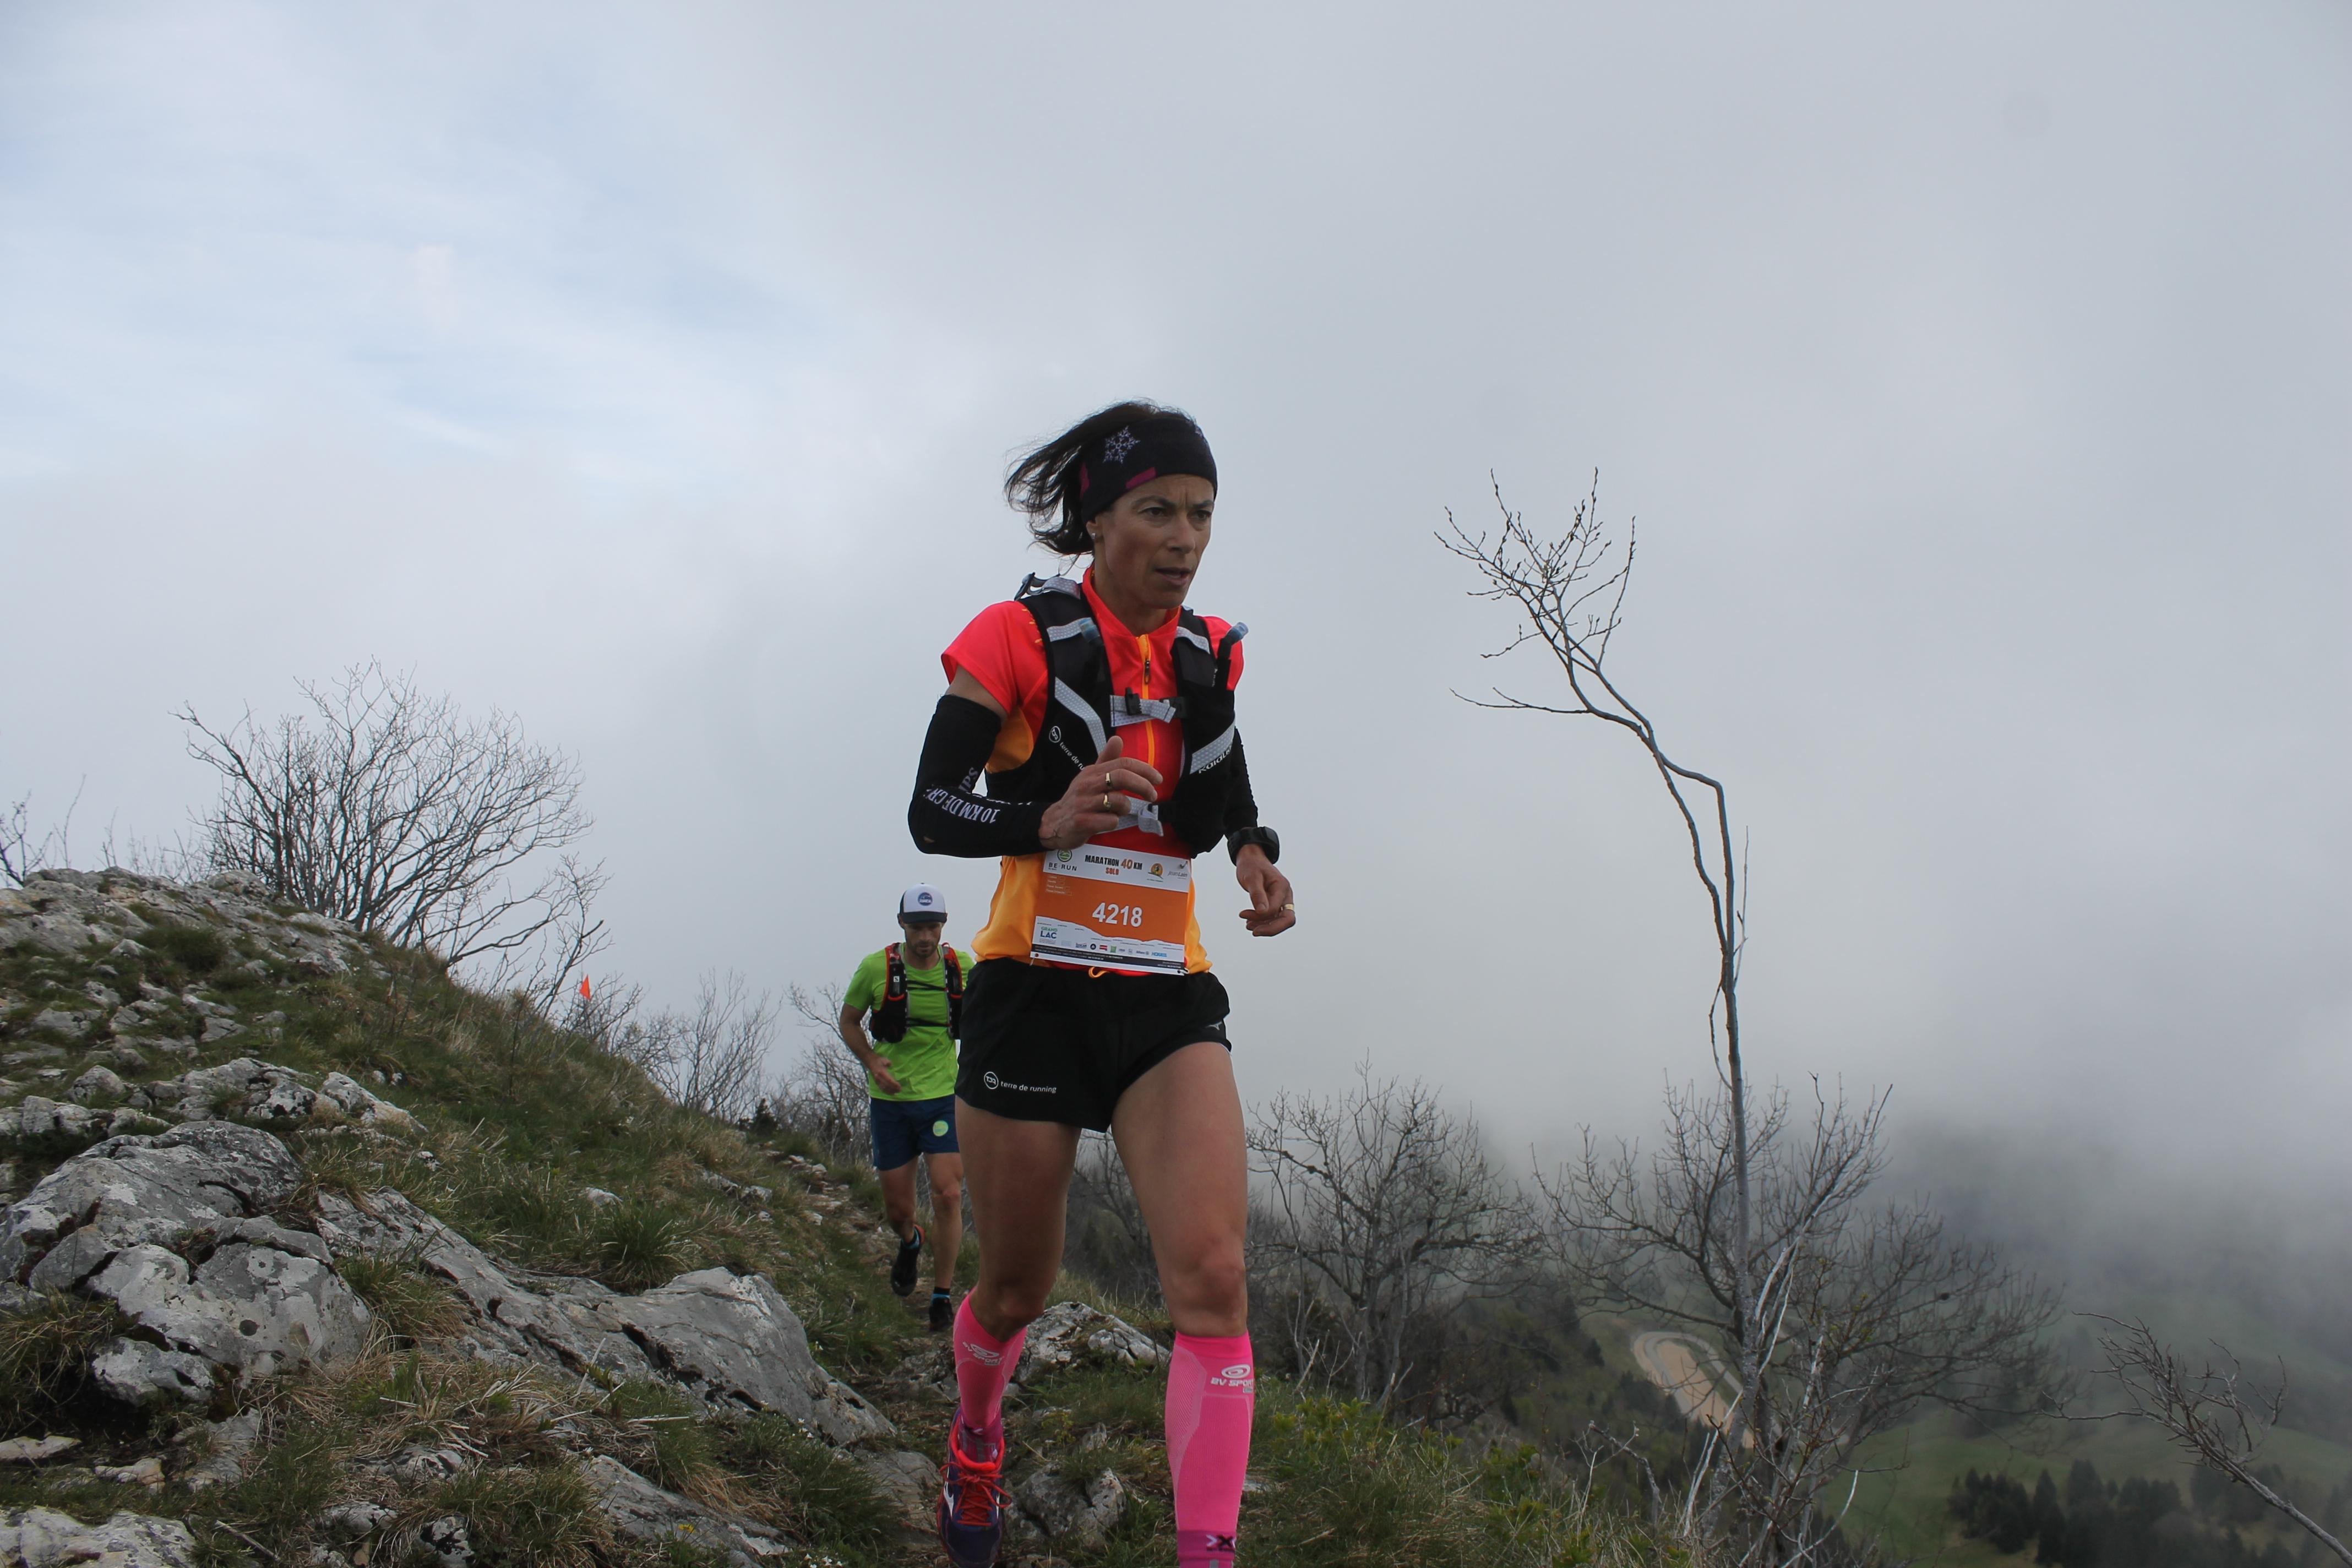 stéphanie duc 1ère du 40km - PORTRAIT DE STEPHANIE DUC (VE02000 LA PLAGNE/TEAM TERRE DE RUNNING)